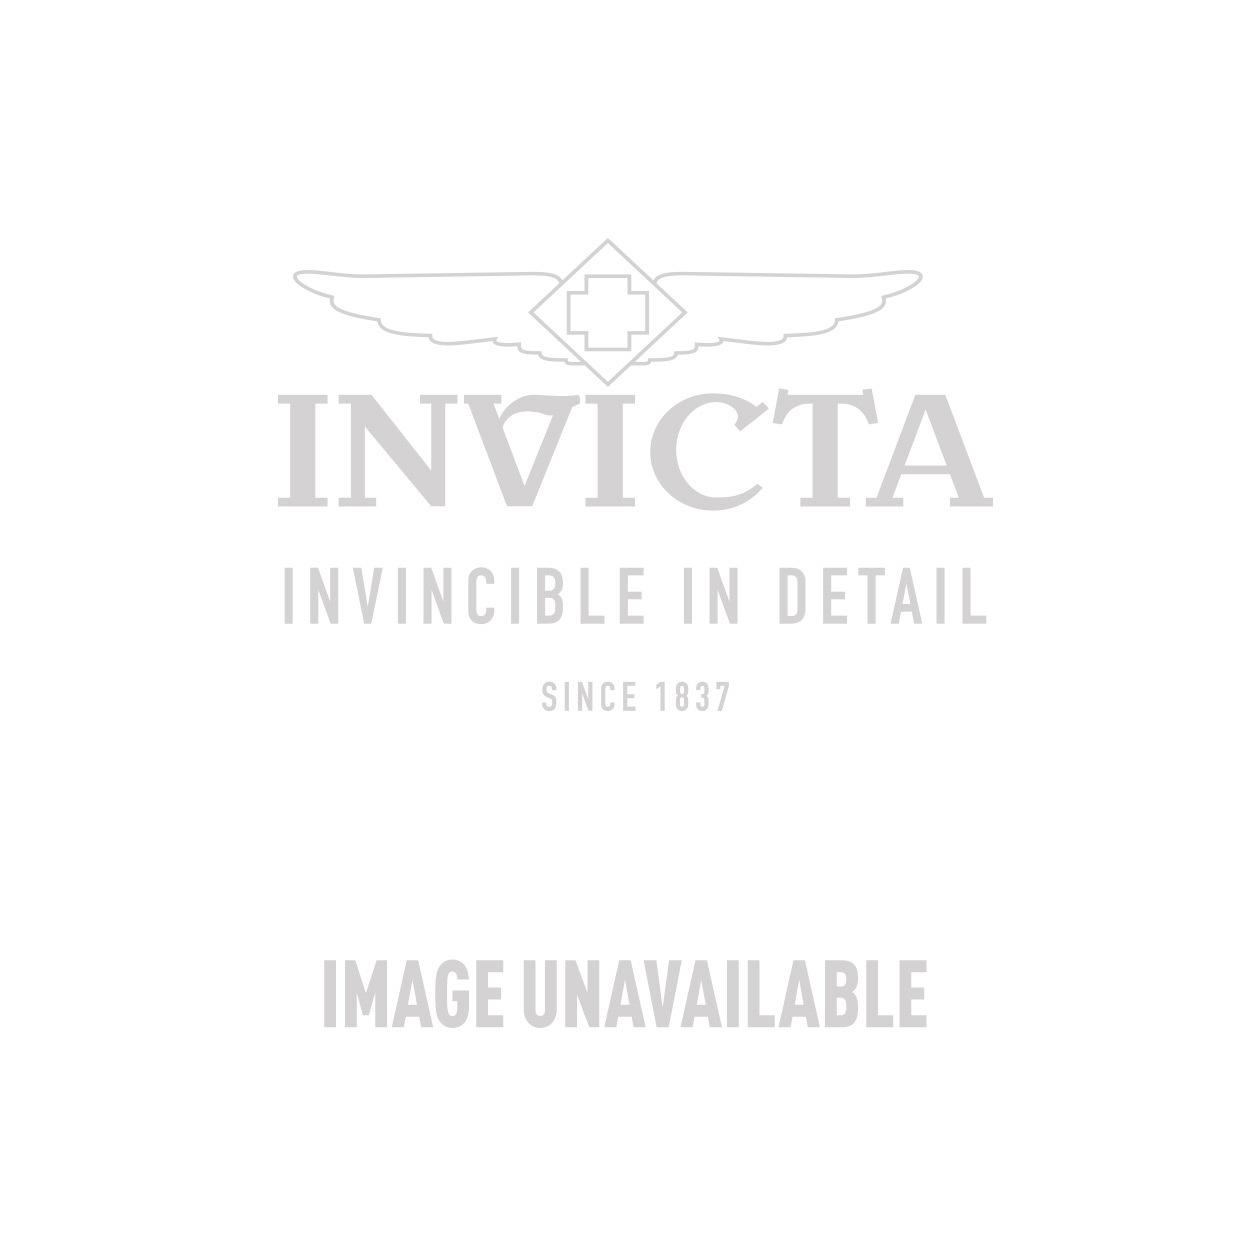 Invicta Model 25006